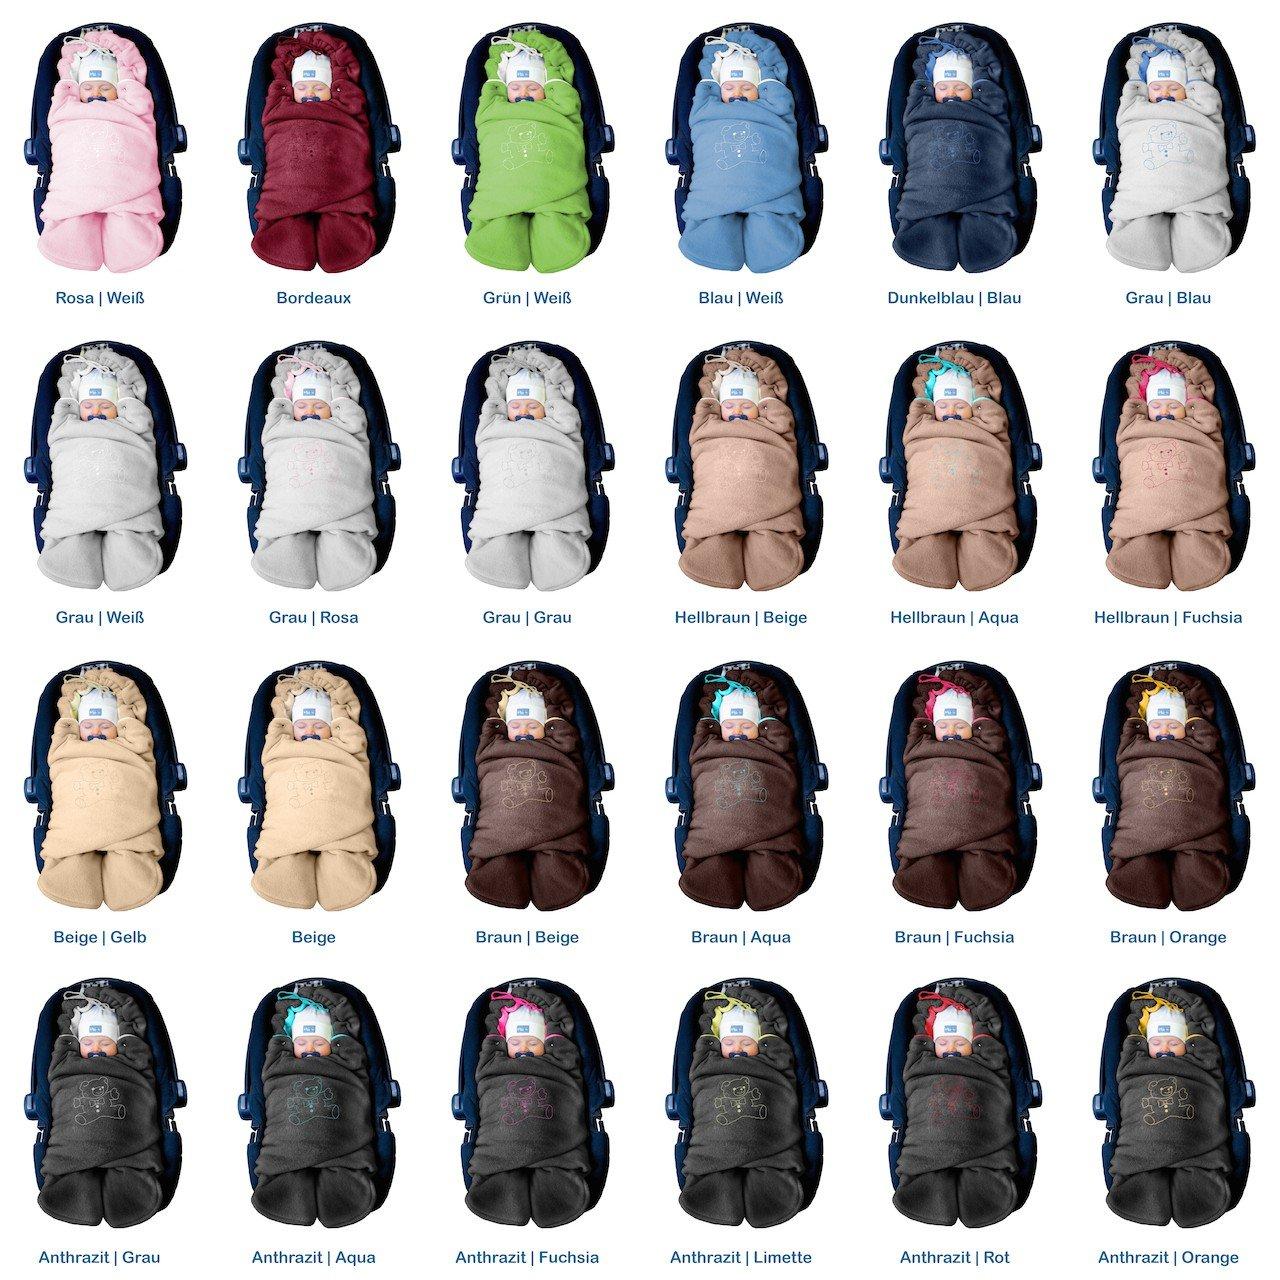 Autositz f/ür Kinderwagen Buggy oder Babybett Farbe:Beige f/ür Maxi-Cosi R/ömer ByBoom z.B Universal f/ür Babyschale Baby Winter-Einschlagdecke Das Original mit dem B/ären